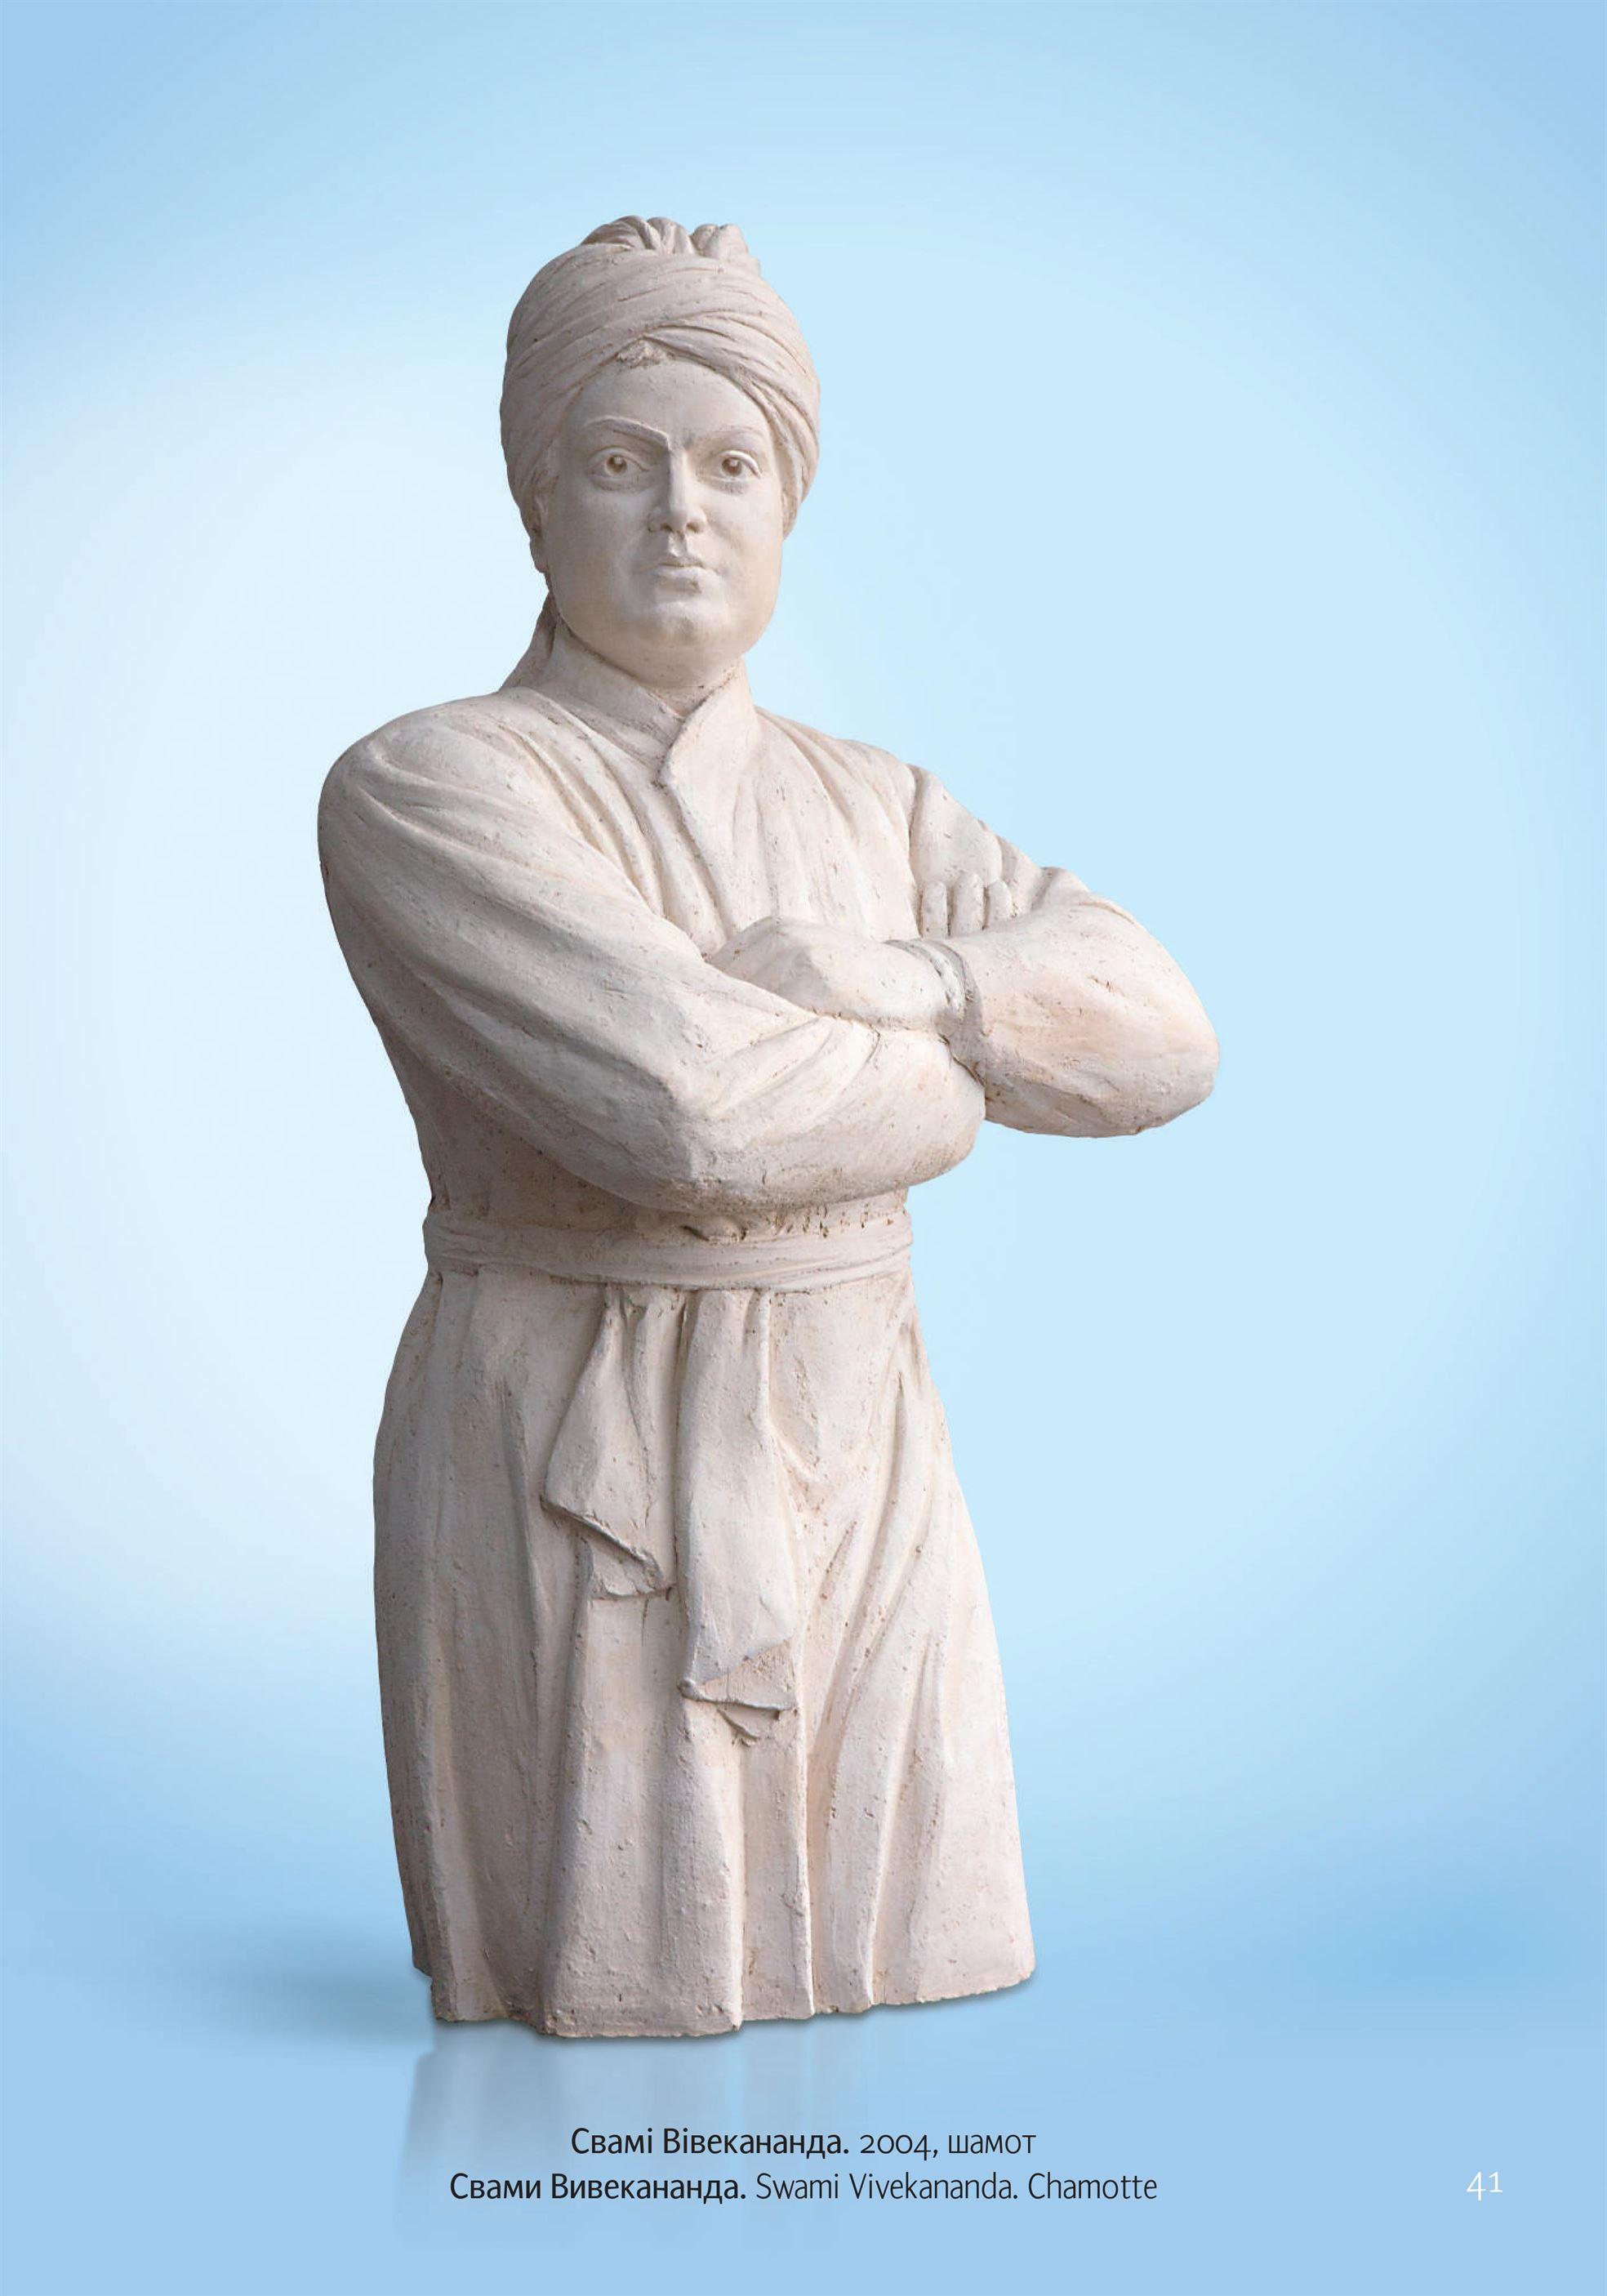 автор знаменитой скульптуры